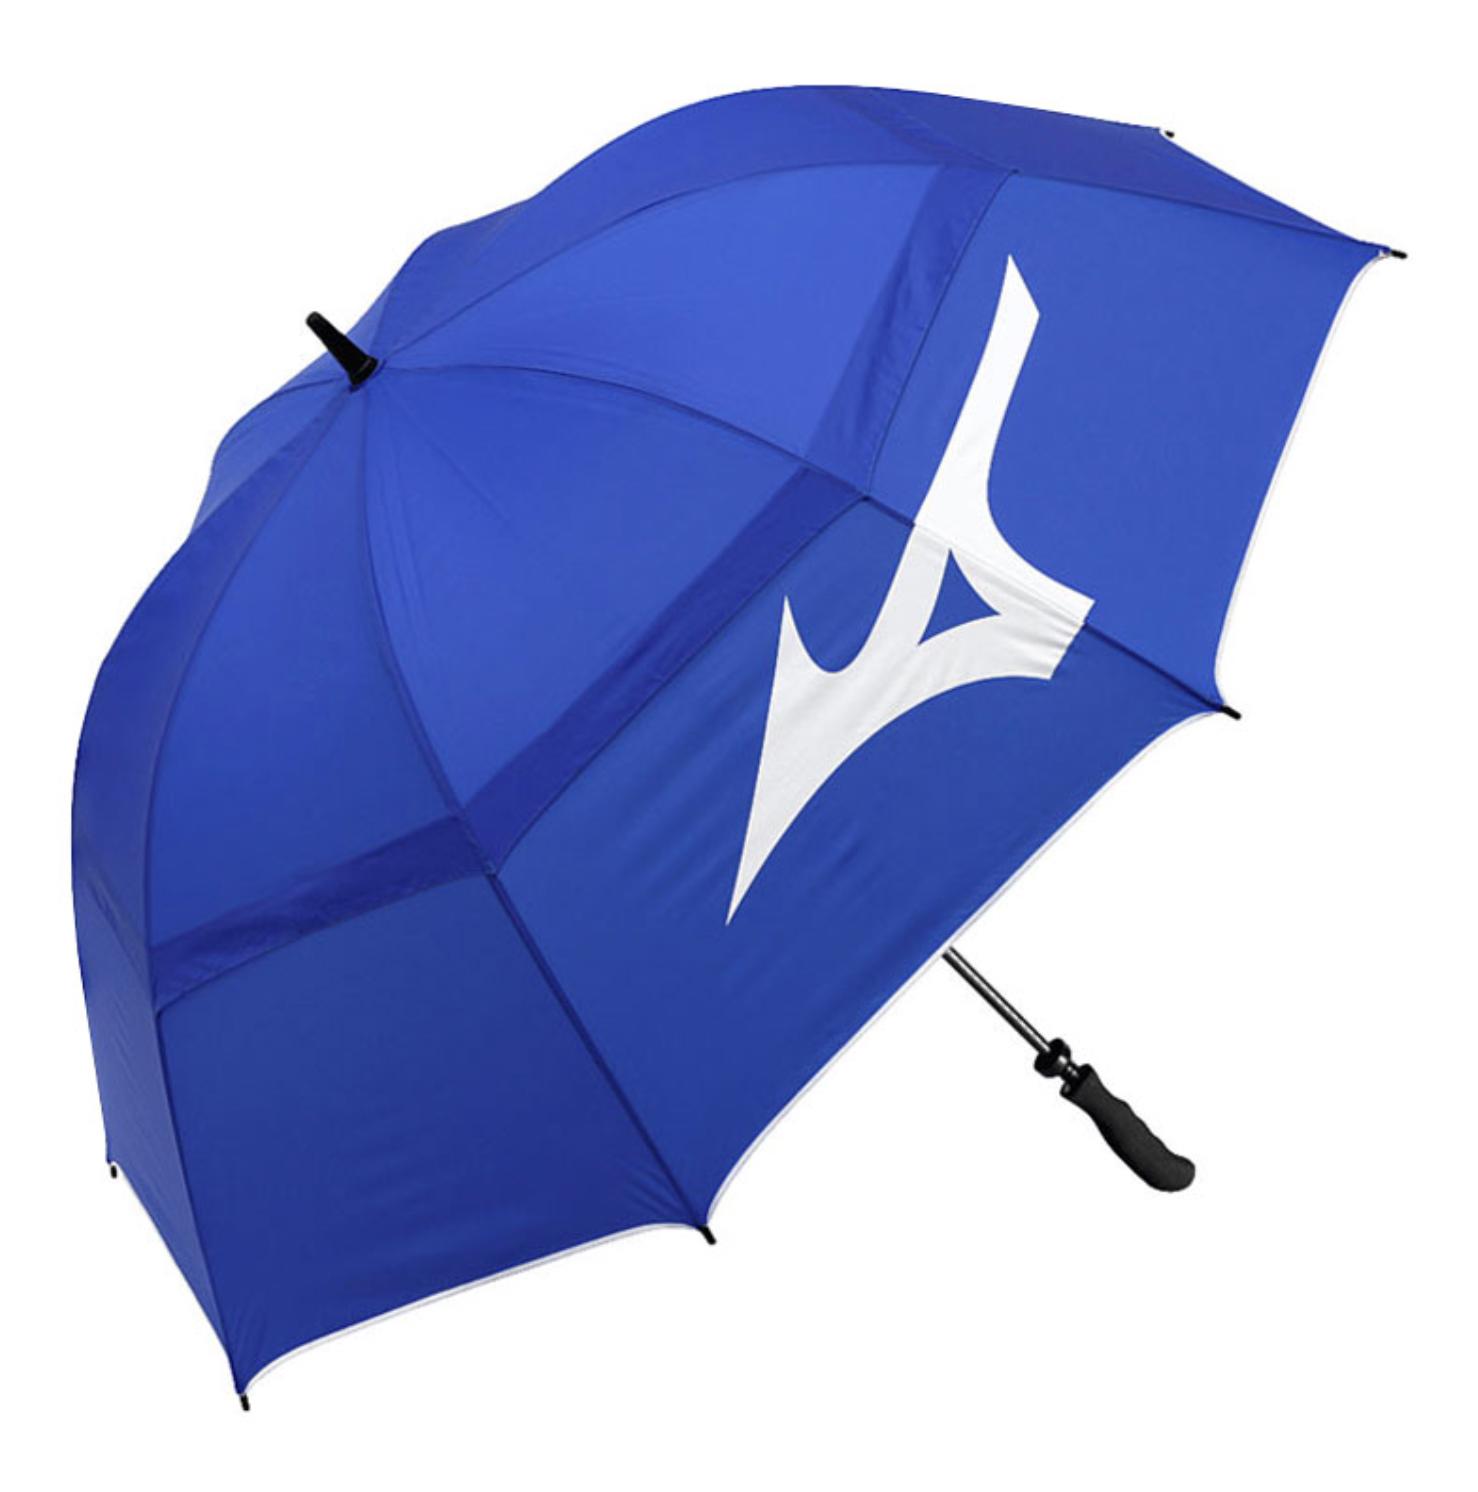 Mizuno Mizuno Tour Twin Canopy Golf Paraplu, Tour Blue